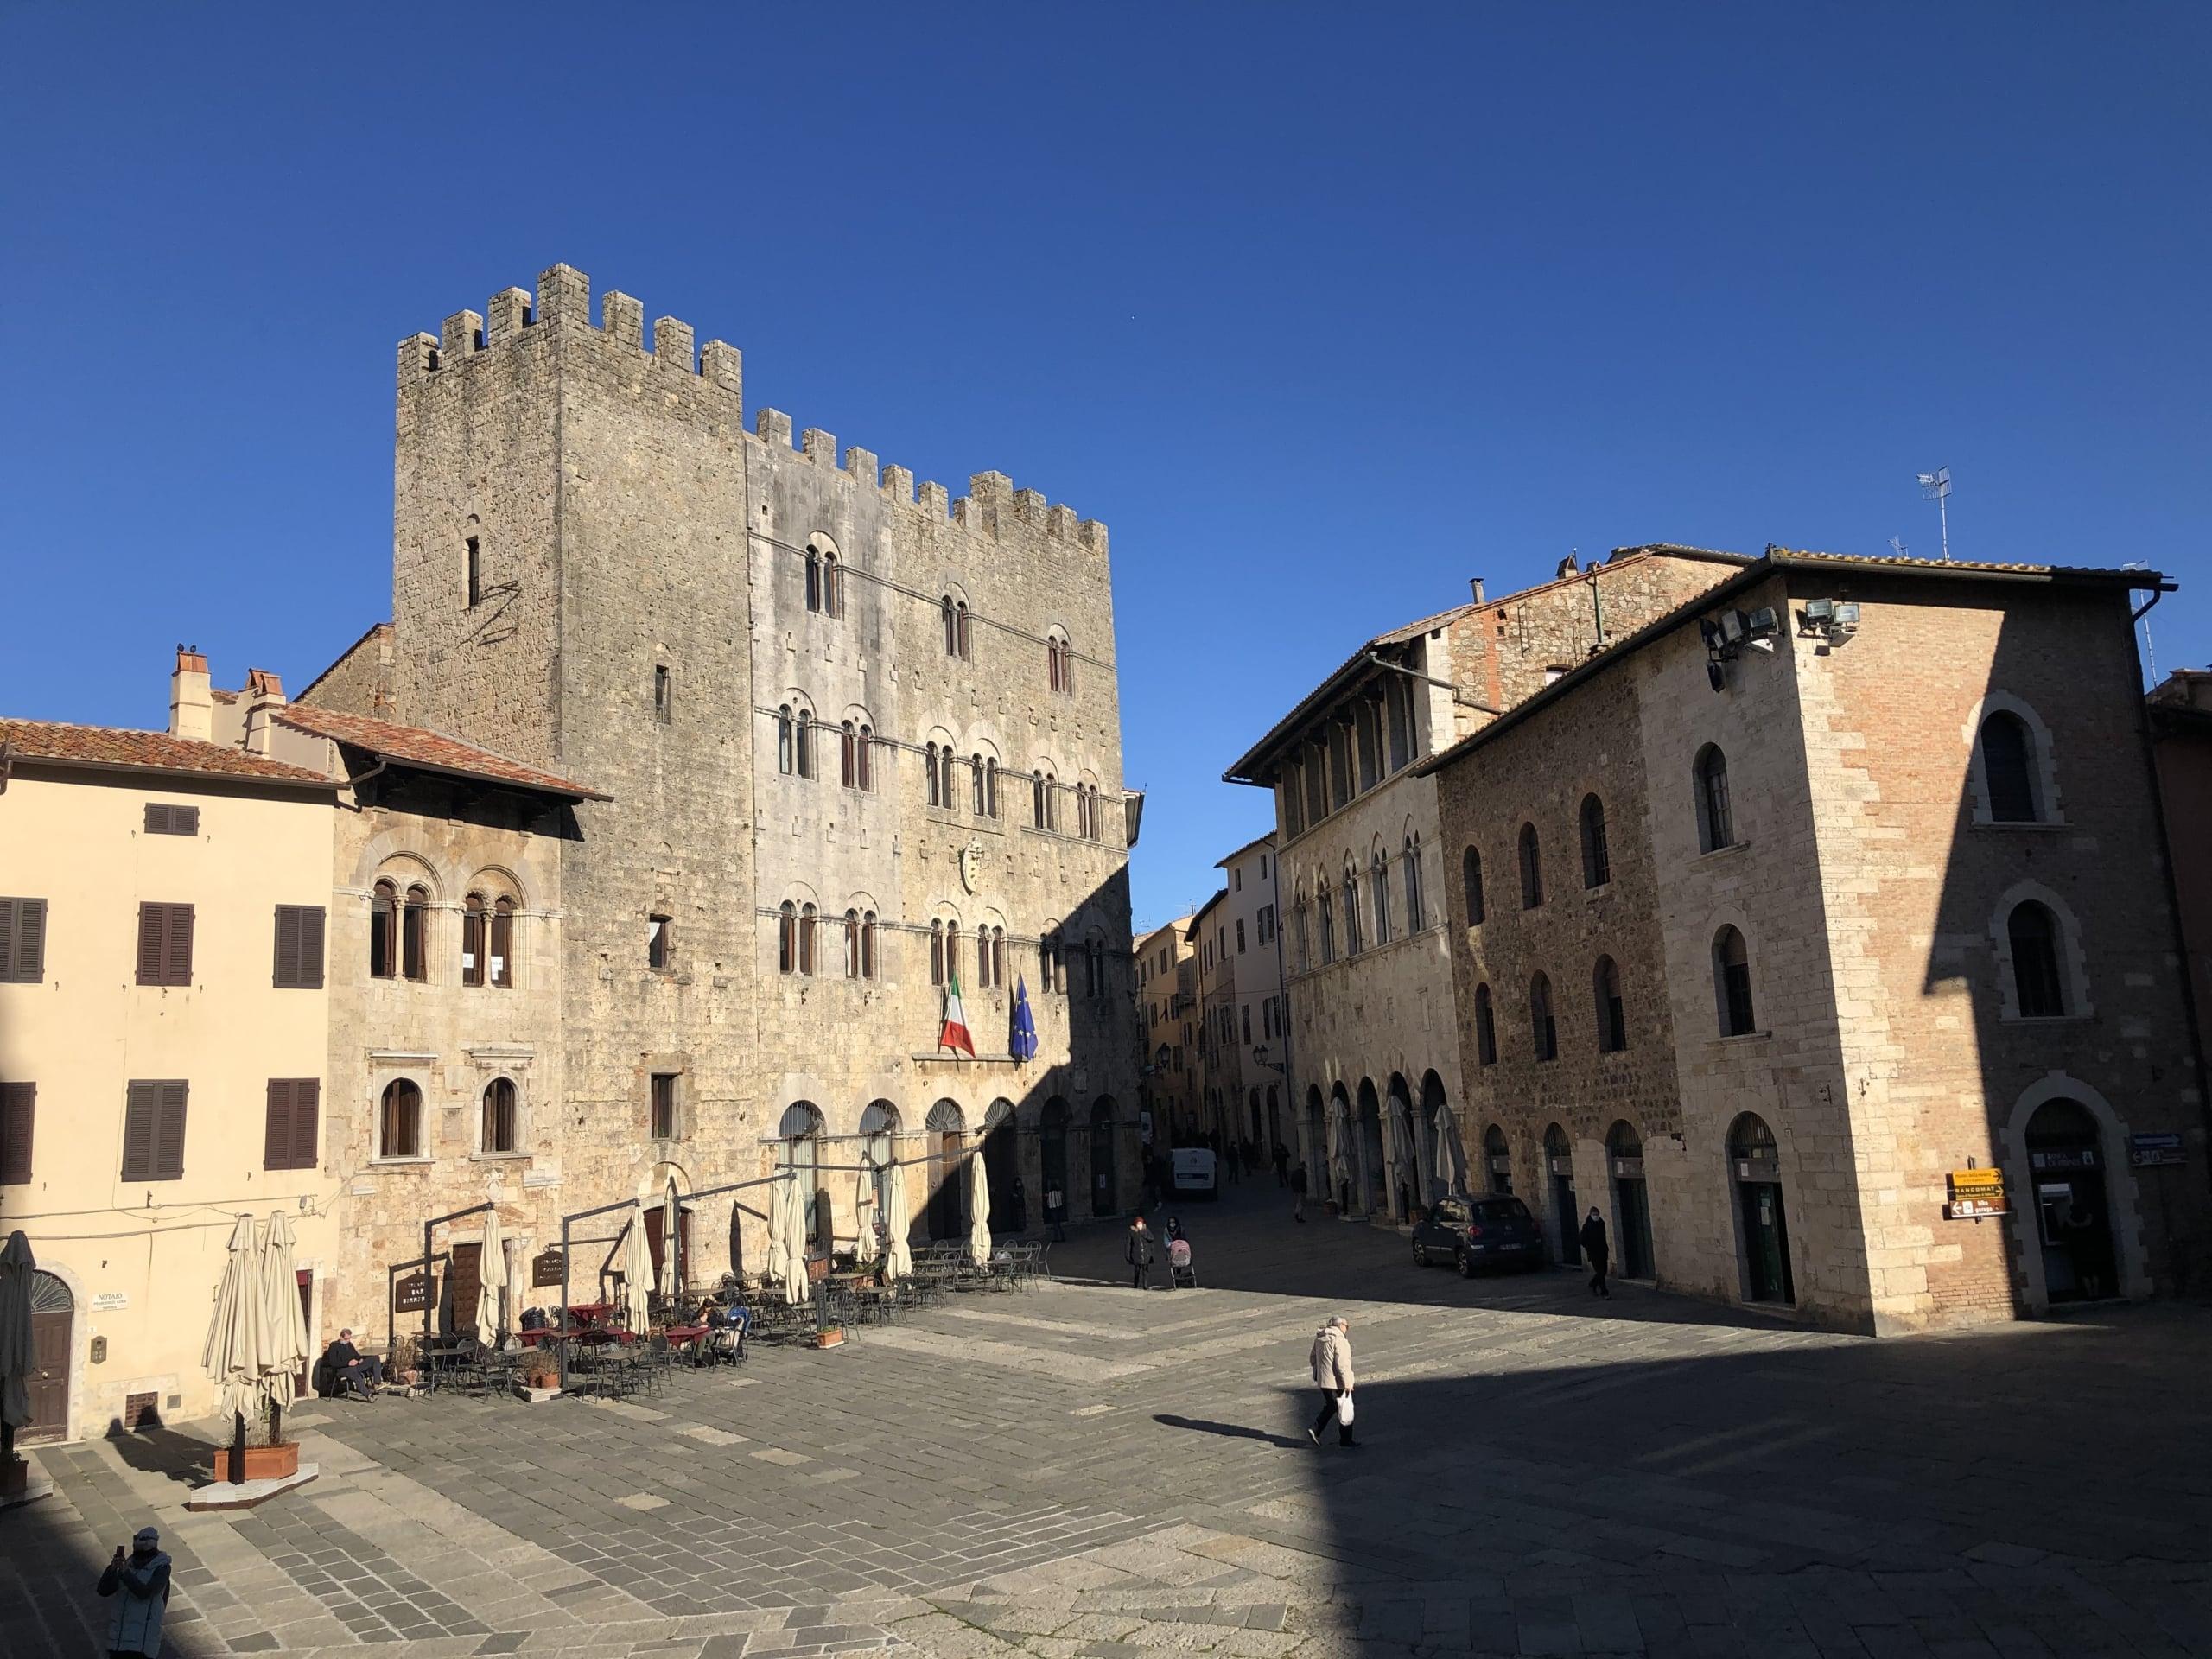 Piazza Duomo e Palazzo Pretorio